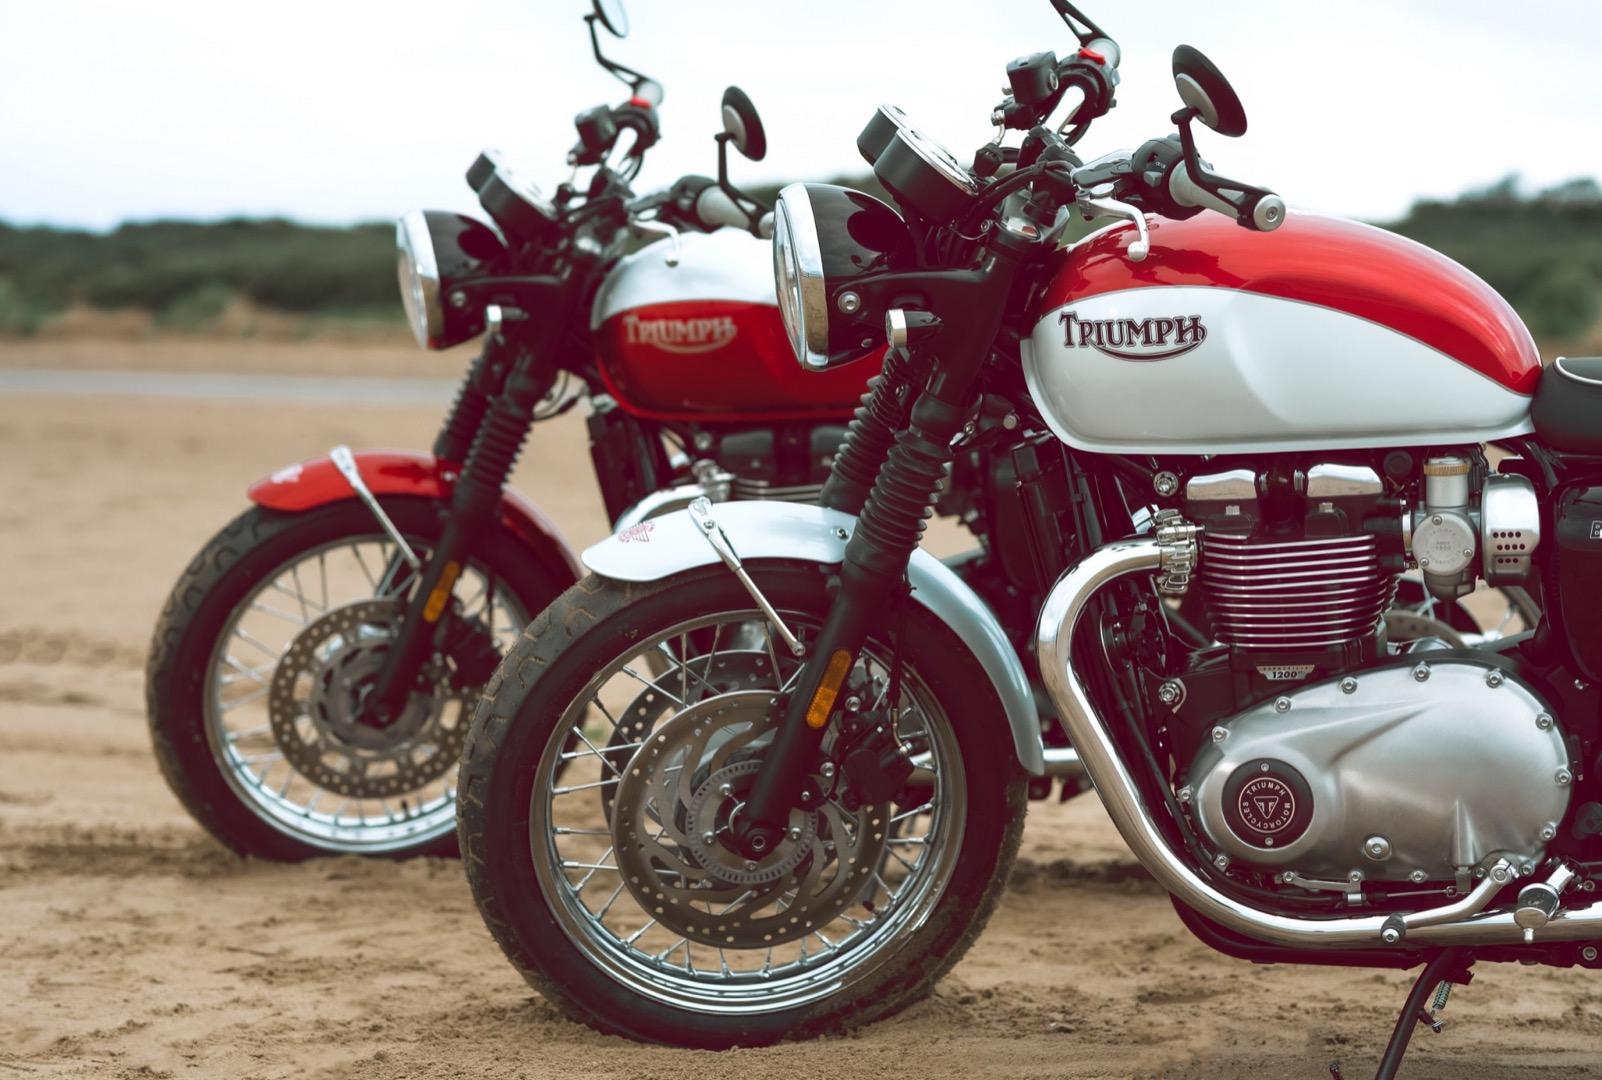 Triumph Bonneville T100 & T120 Bud Ekins